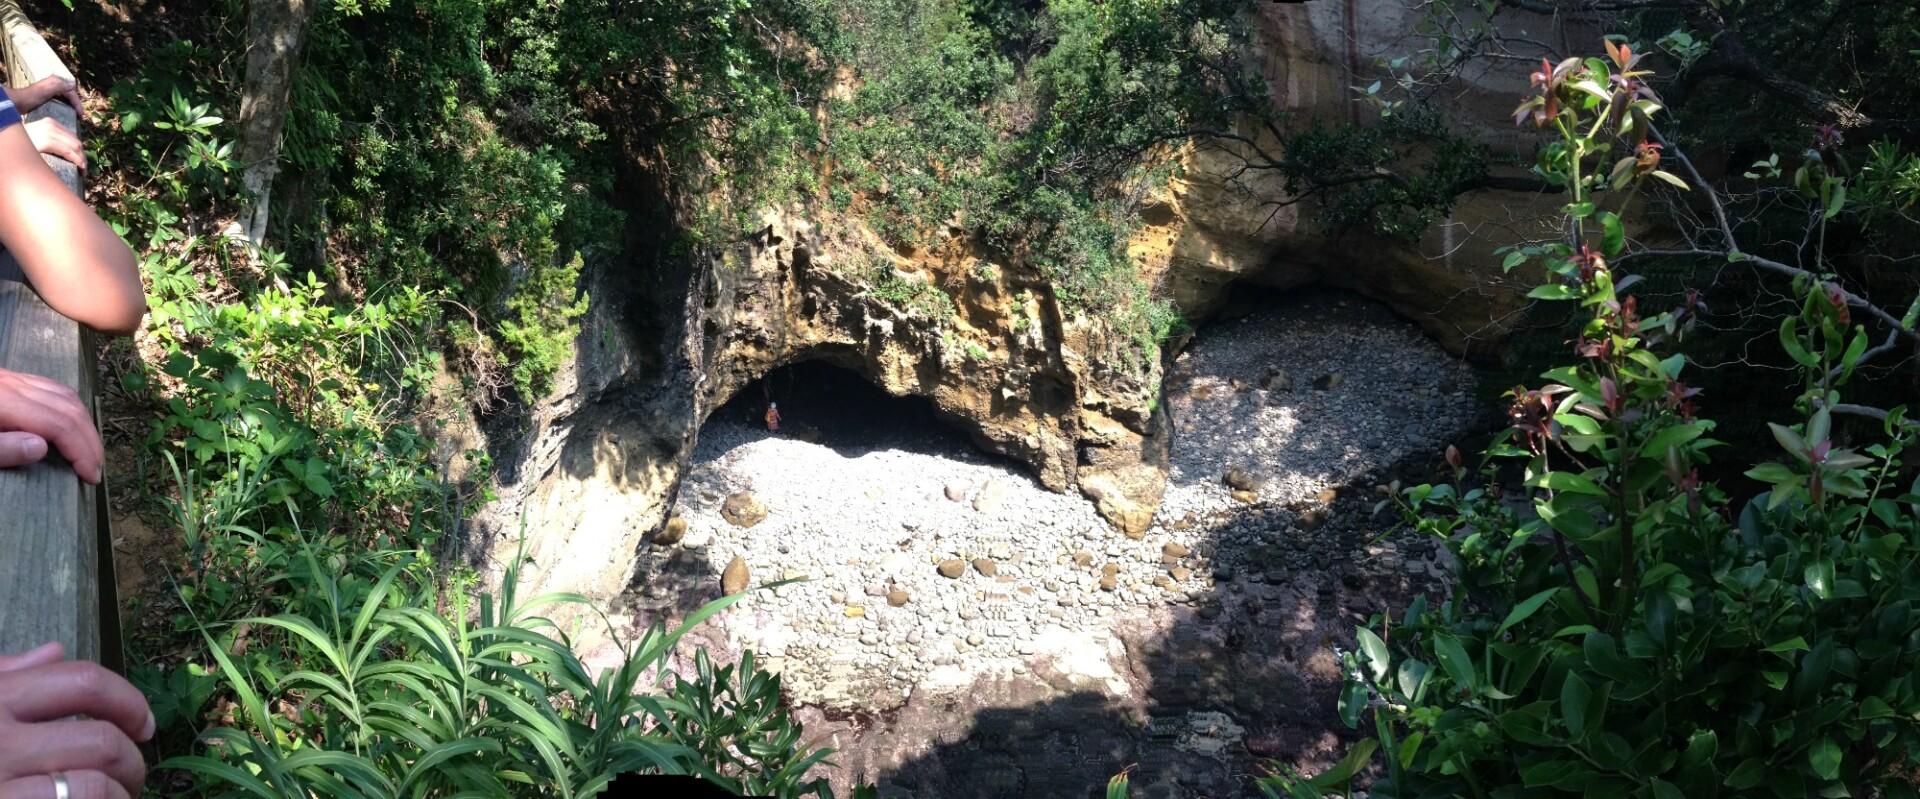 Den mystiske grotte Ryugu og sandbakke i Shimoda